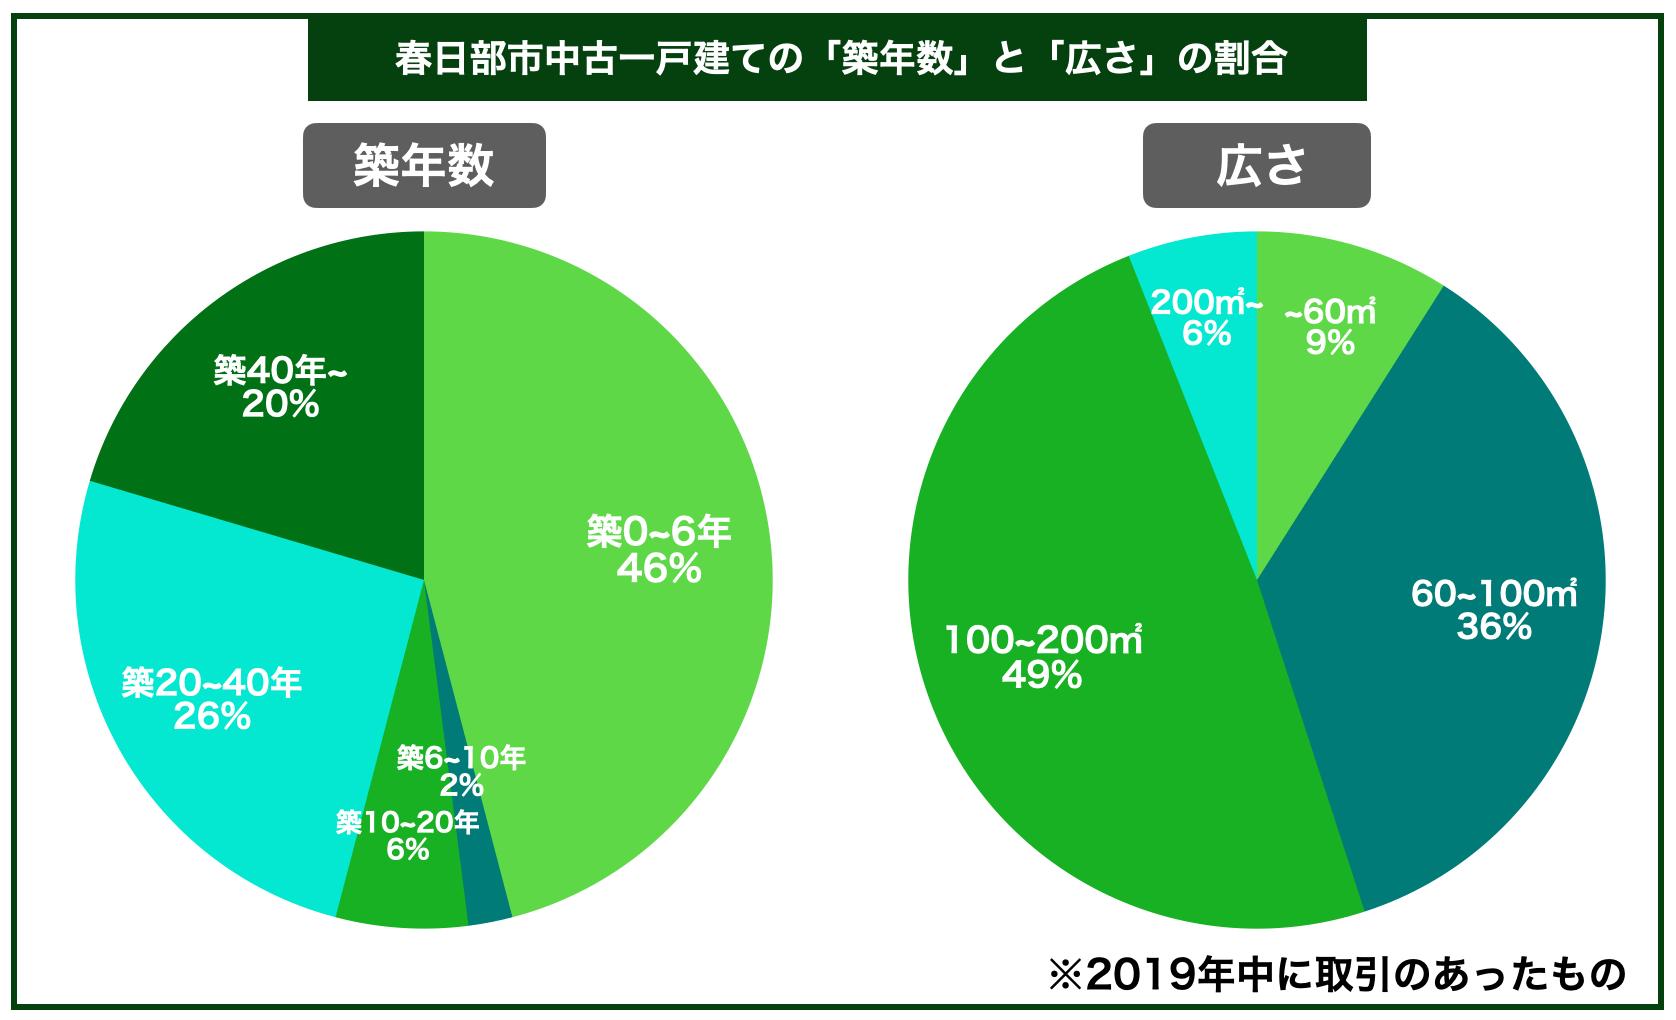 春日部市中古一戸建ての平均築年数と広さの割合